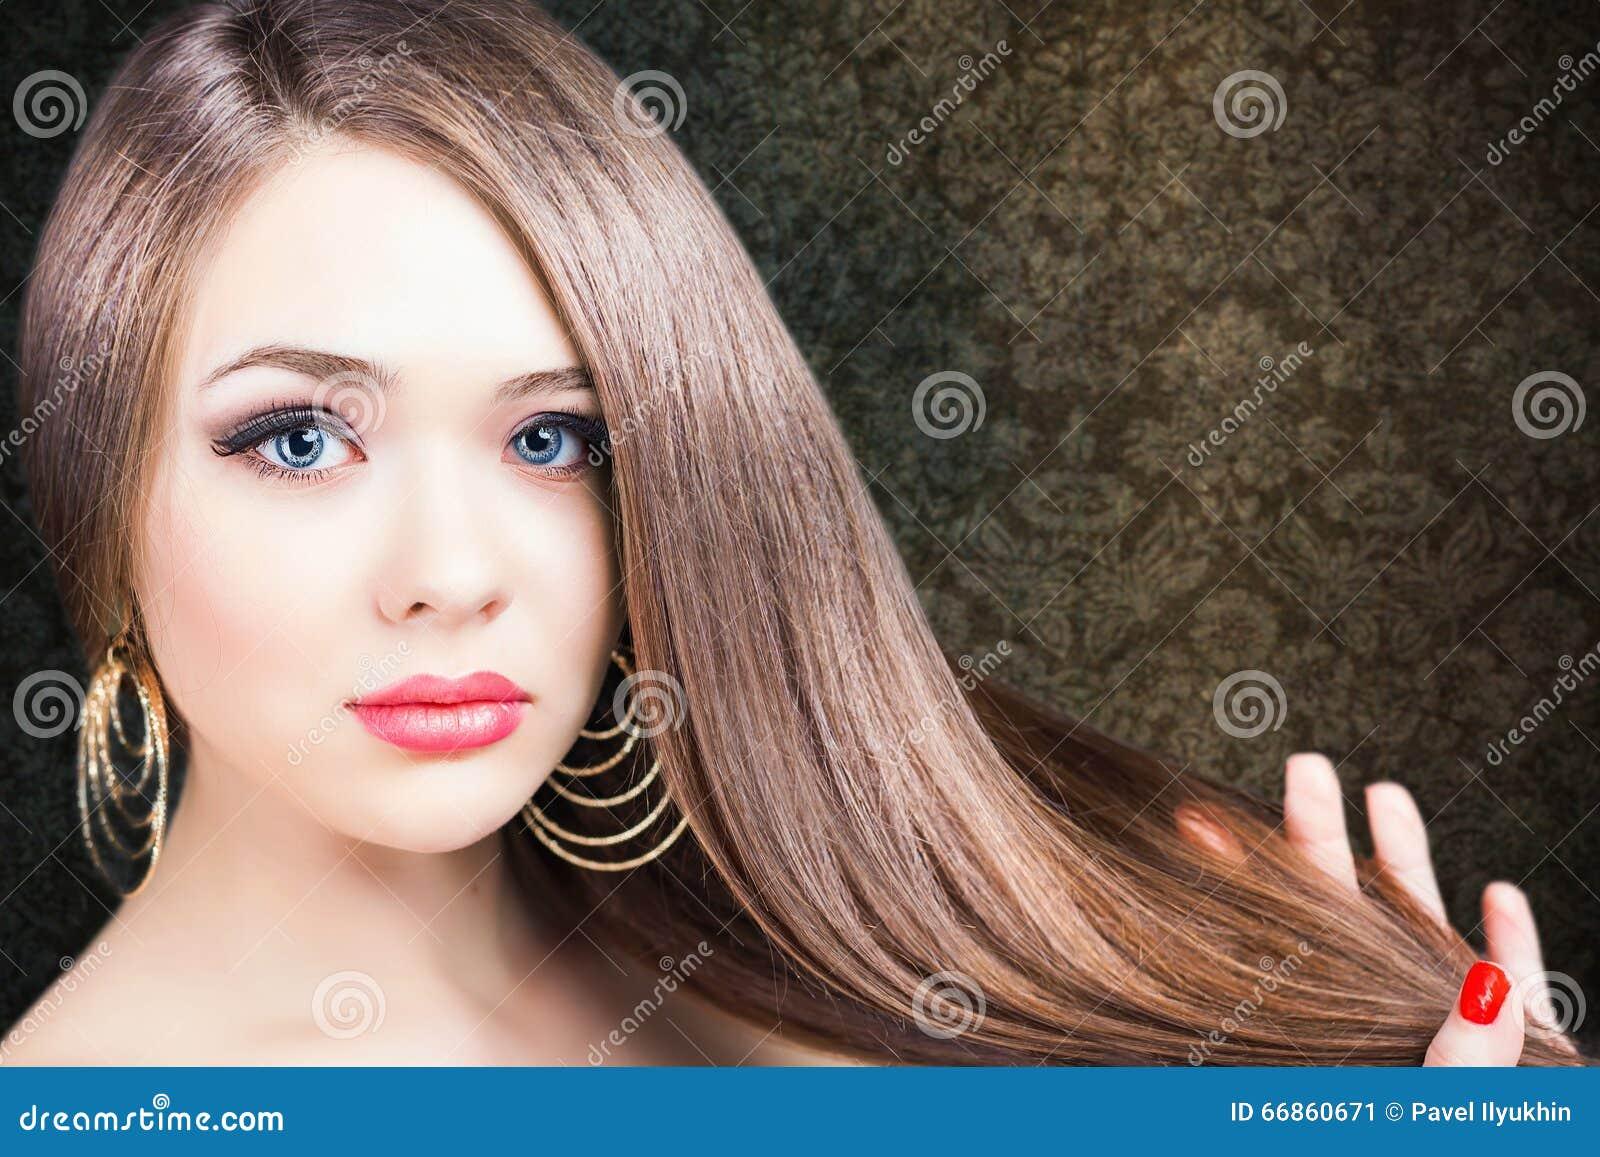 抽象横幅方式发型例证 美丽的头发长的平直的妇女图片